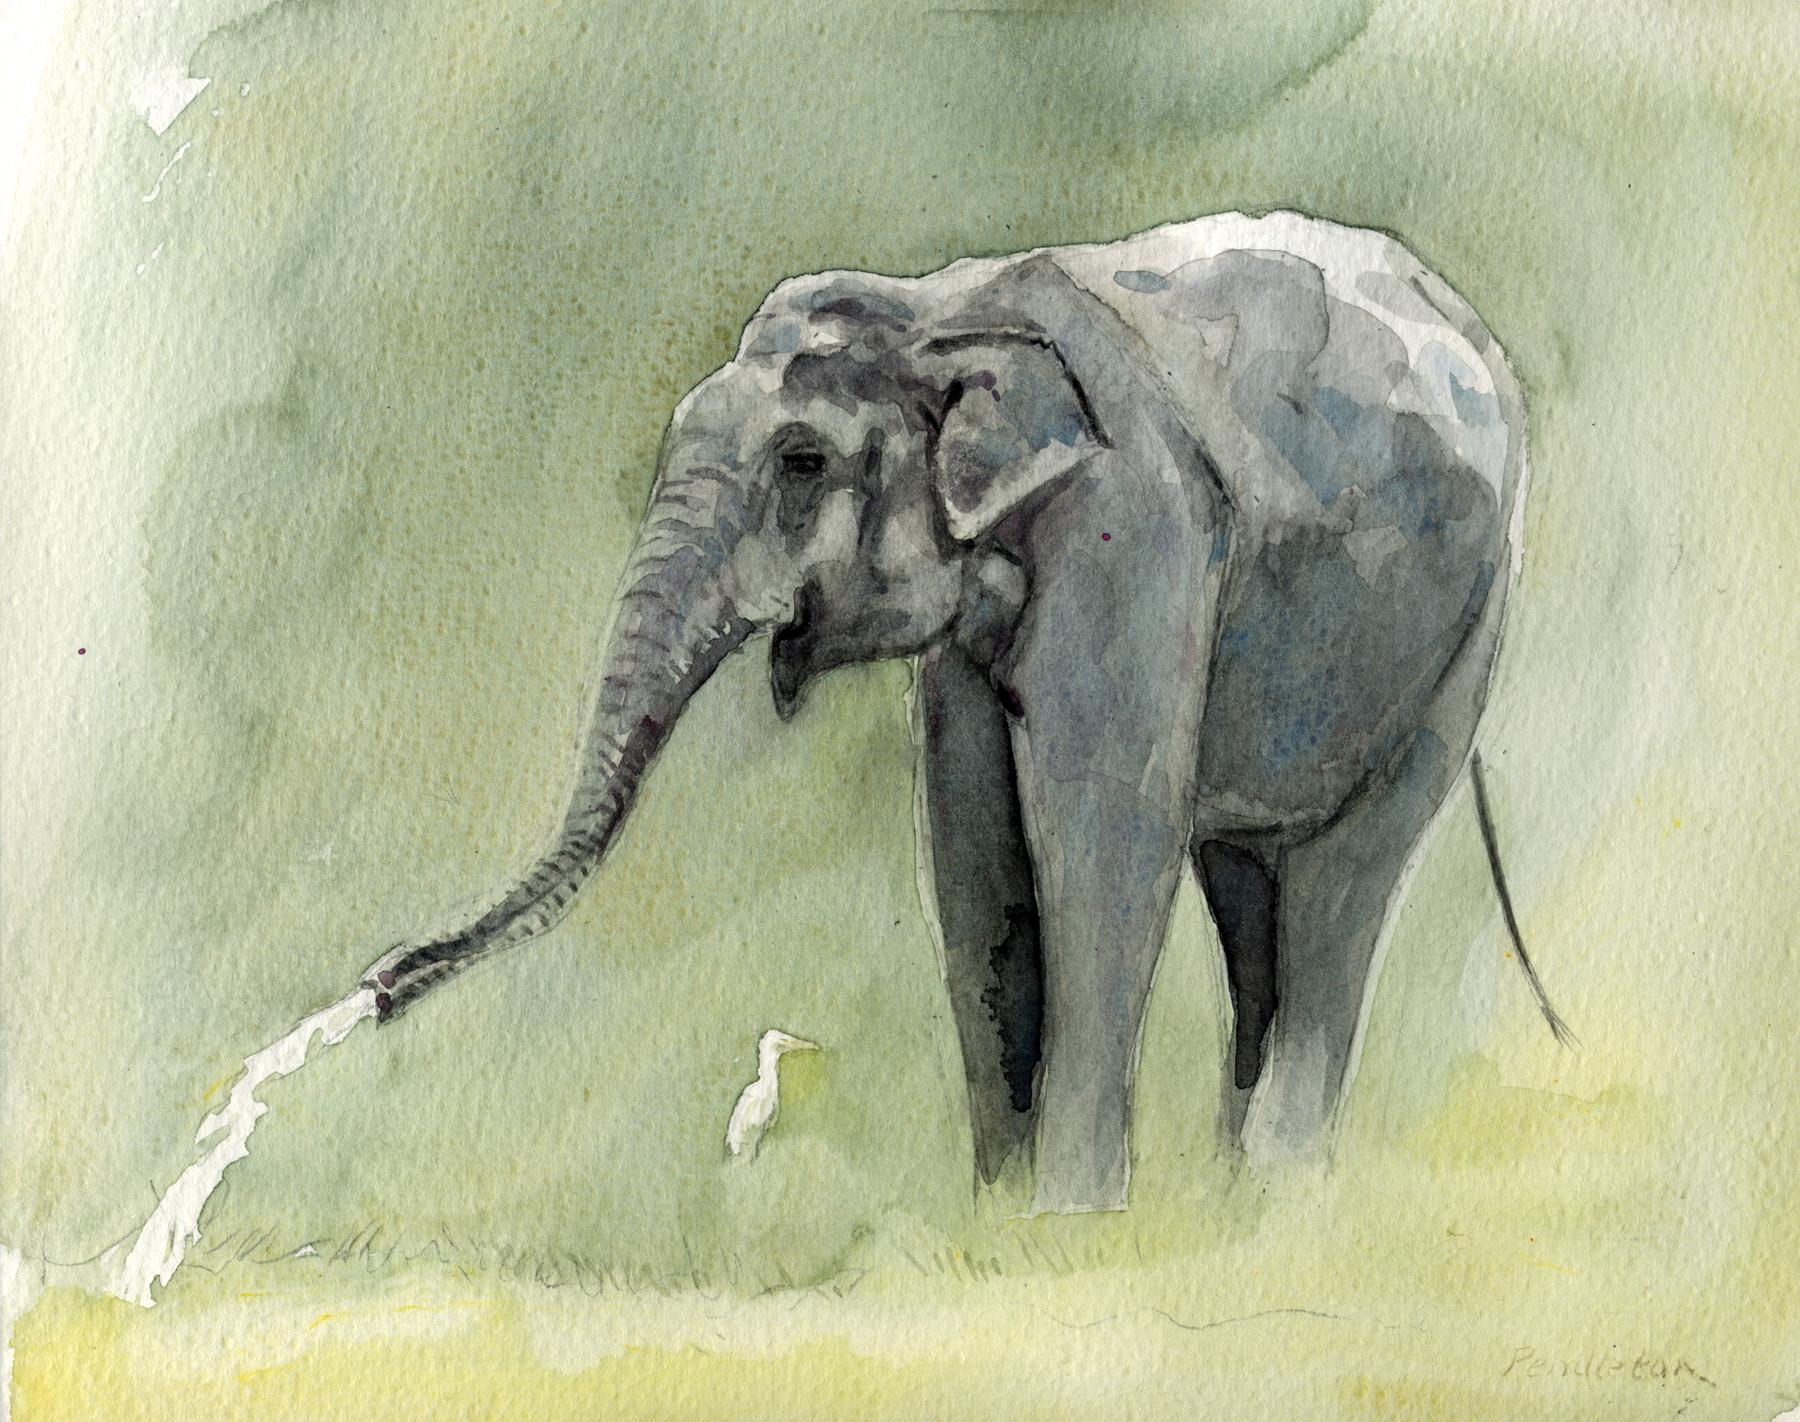 Elephant at Yala, Sri Lanka